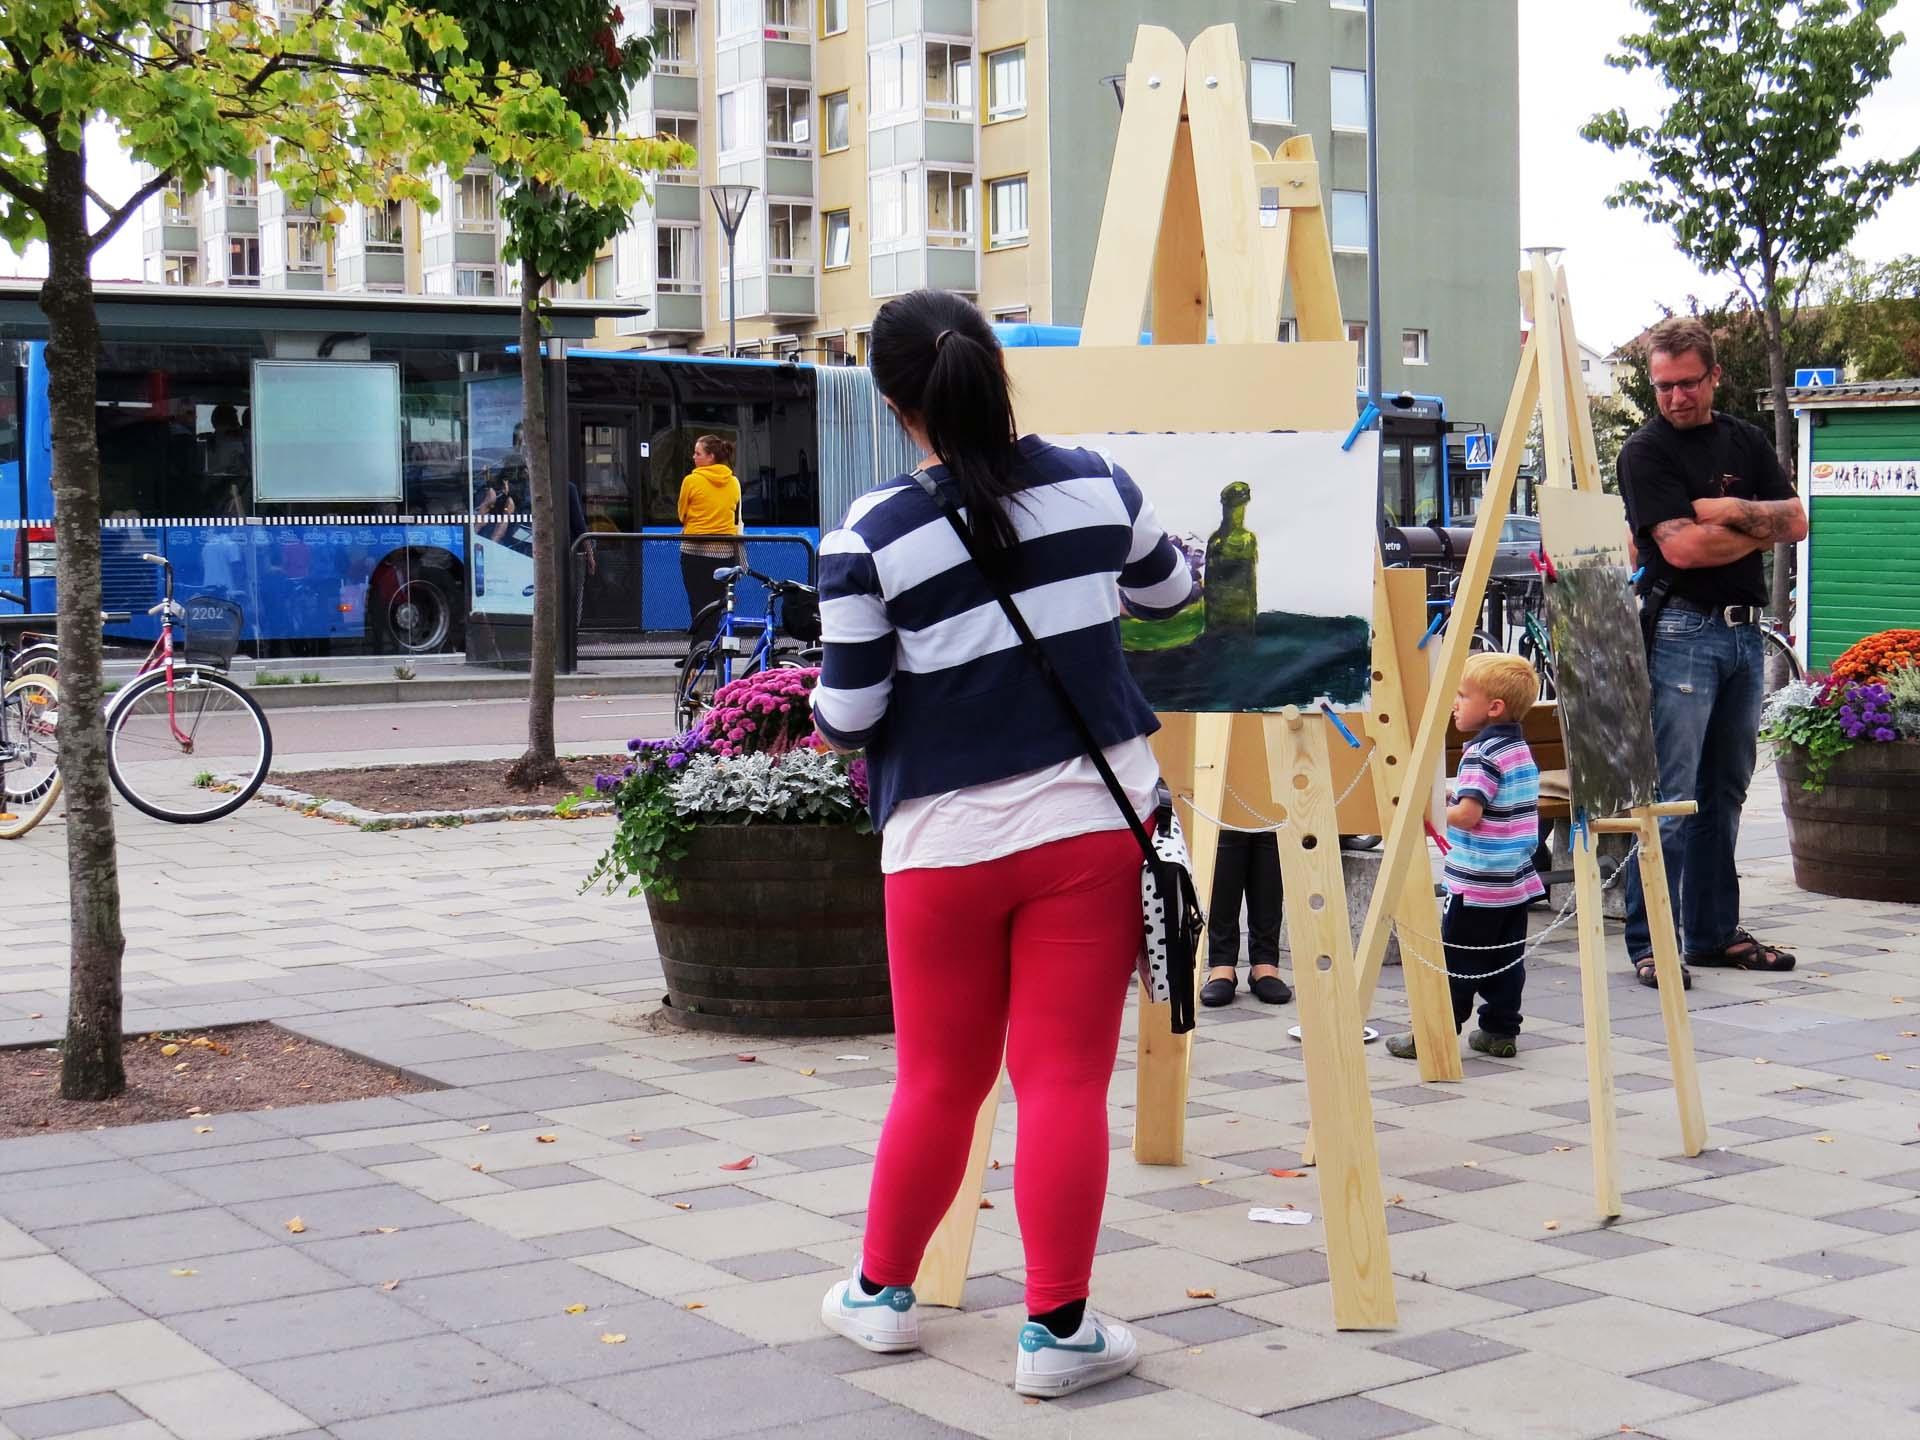 Plein-air - street art 3